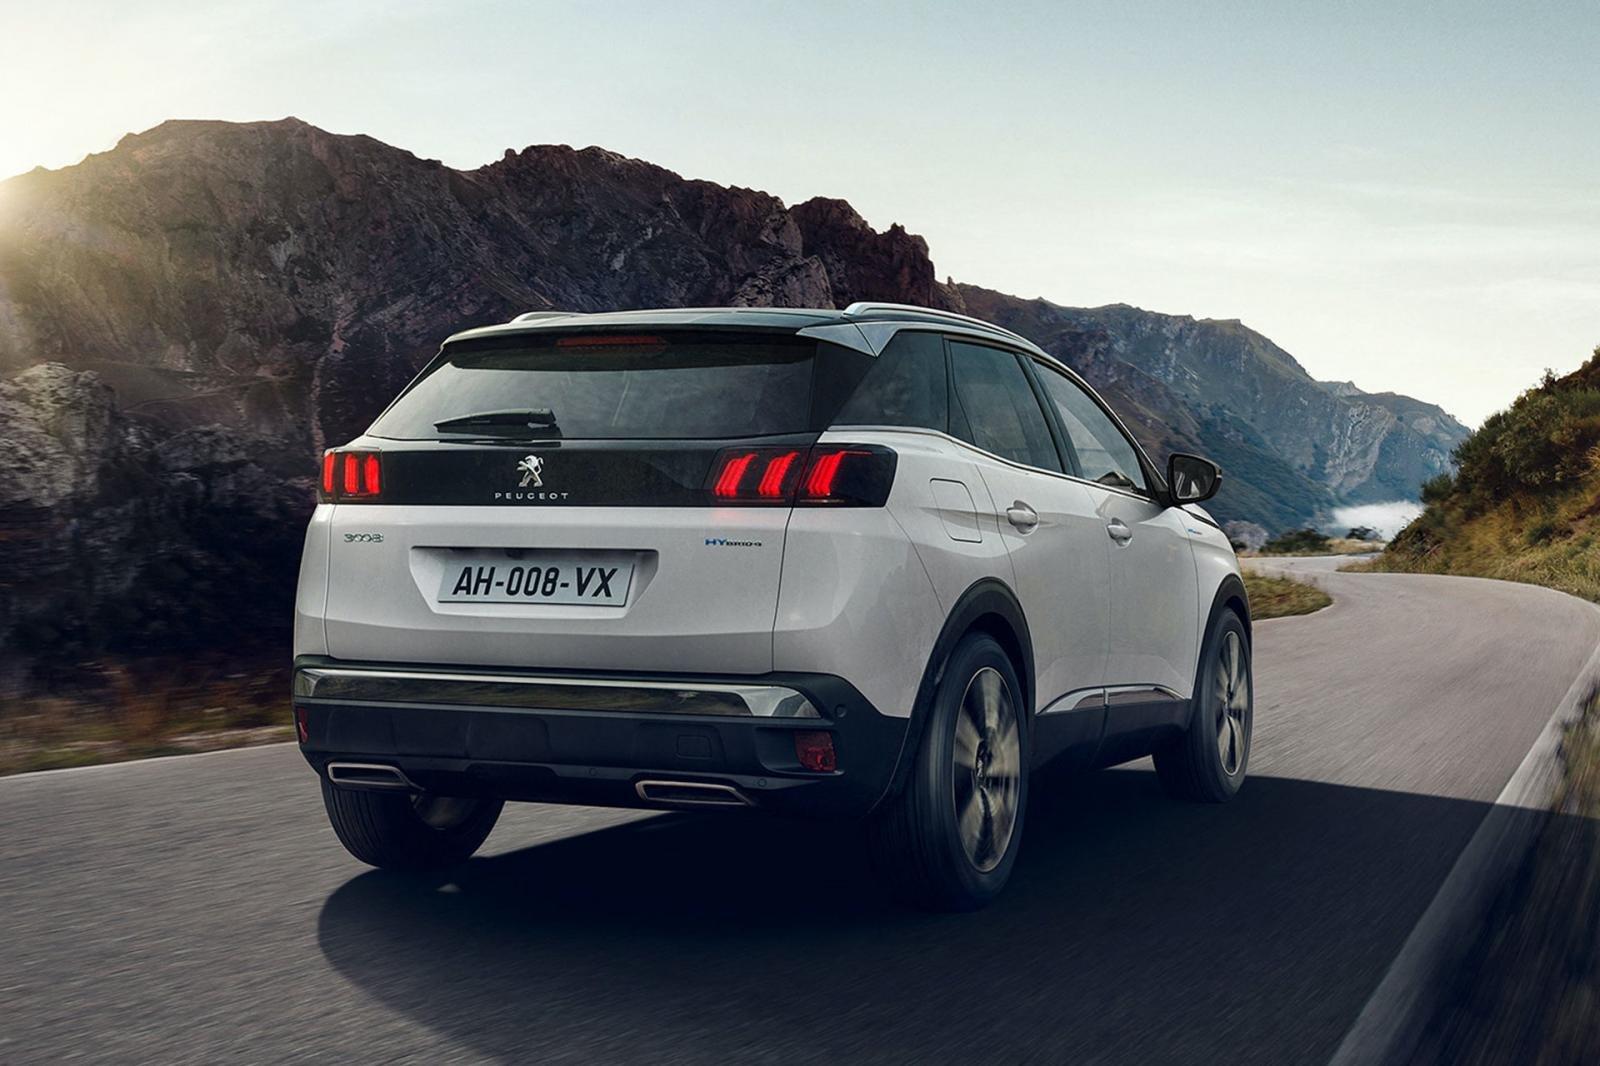 Đánh giá xe Peugeot 3008 2021 về thiết kế đuôi xe.